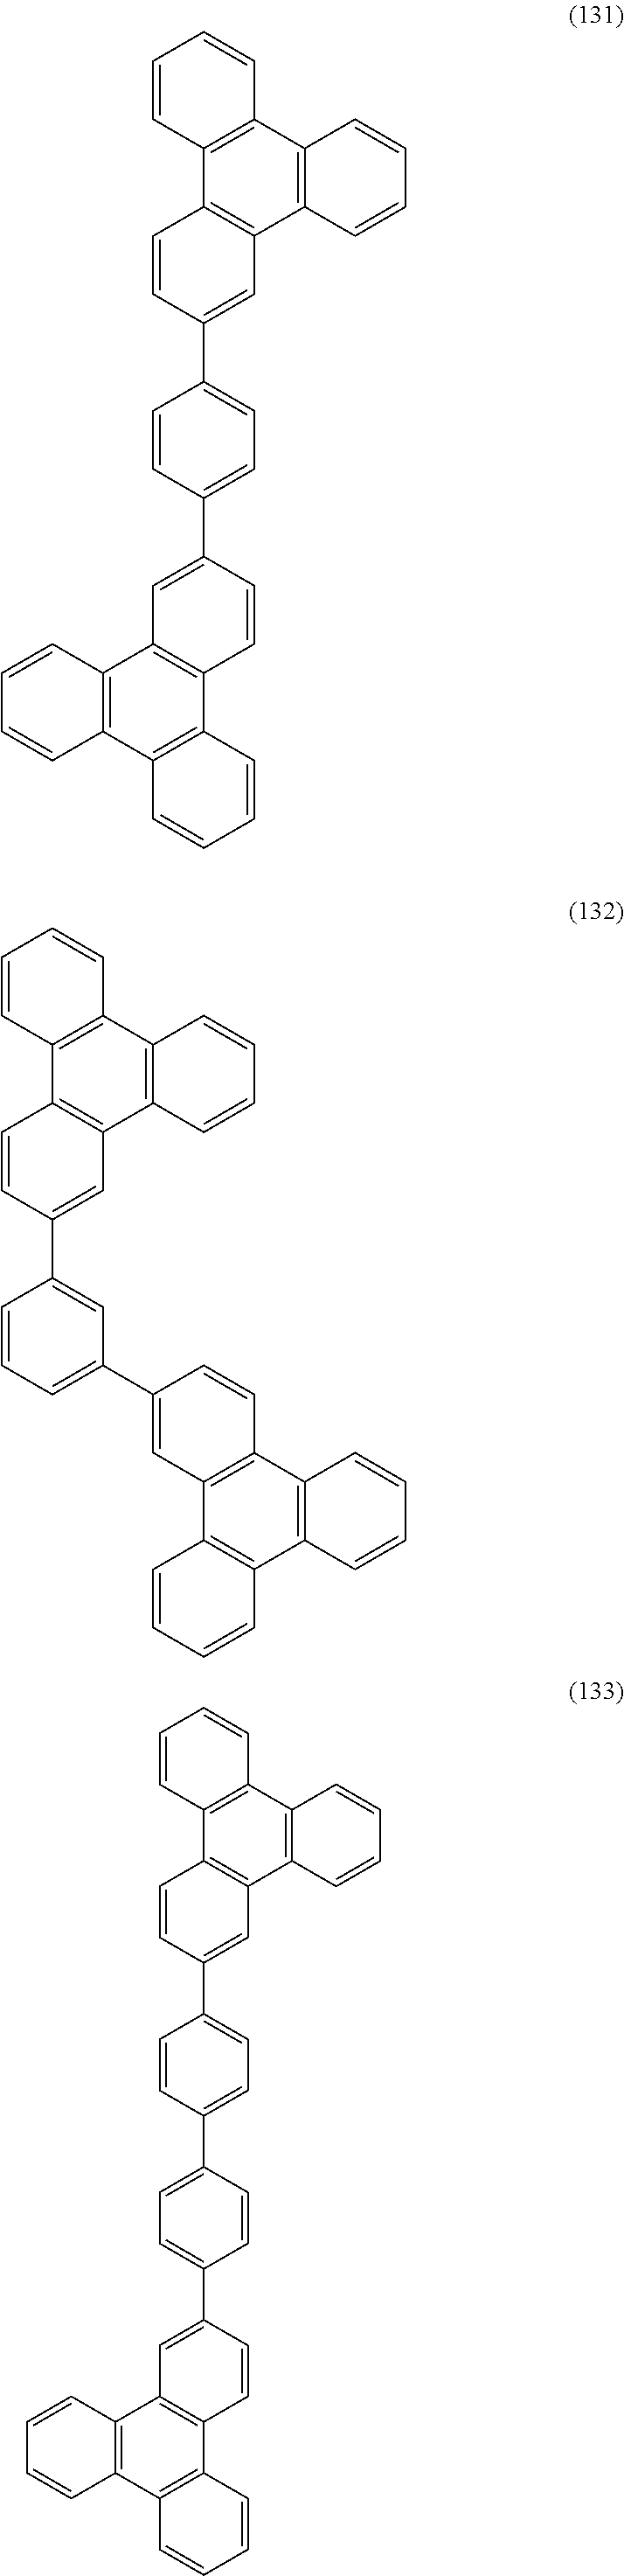 Figure US09385328-20160705-C00026